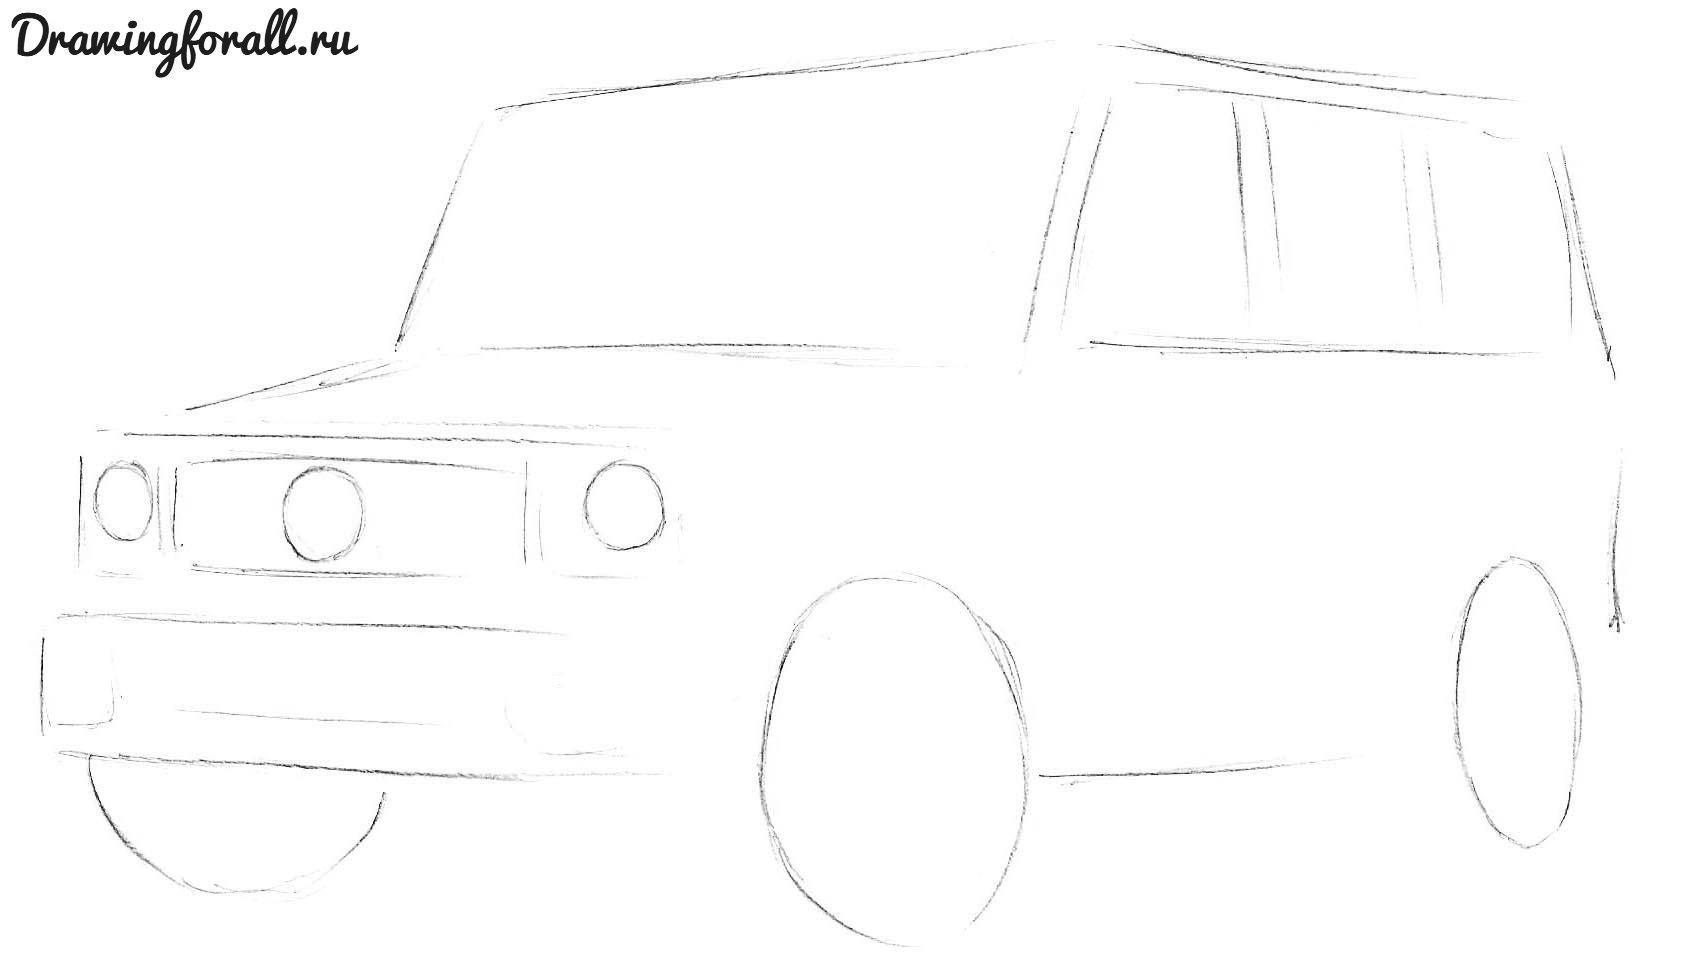 как нарисовать мерседес гелендваген карандашом